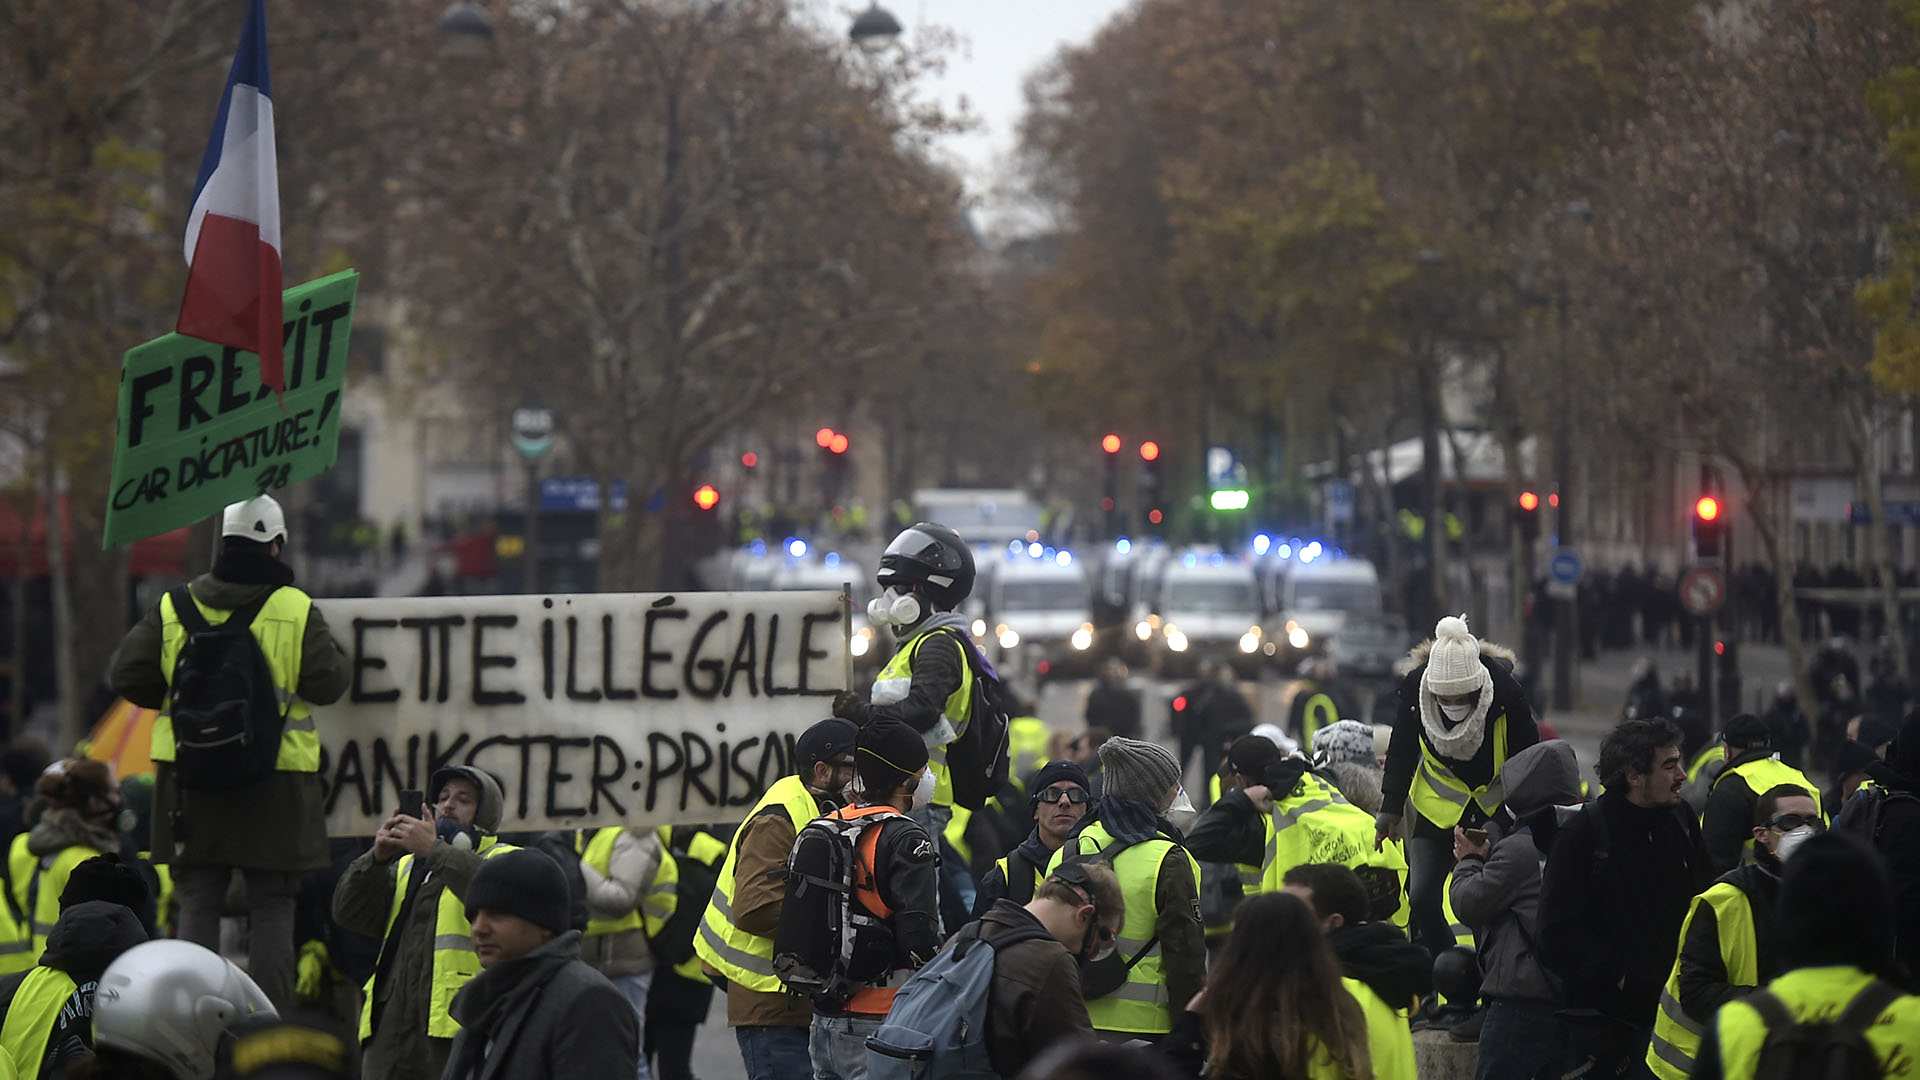 Esta nueva manifestación es ahora observada con recelo por el ejecutivo de Macron, que accedió a la presidencia francesa hace solamente 18 meses y cuya popularidad cae de forma imparable (Lucas BARIOULET / AFP)